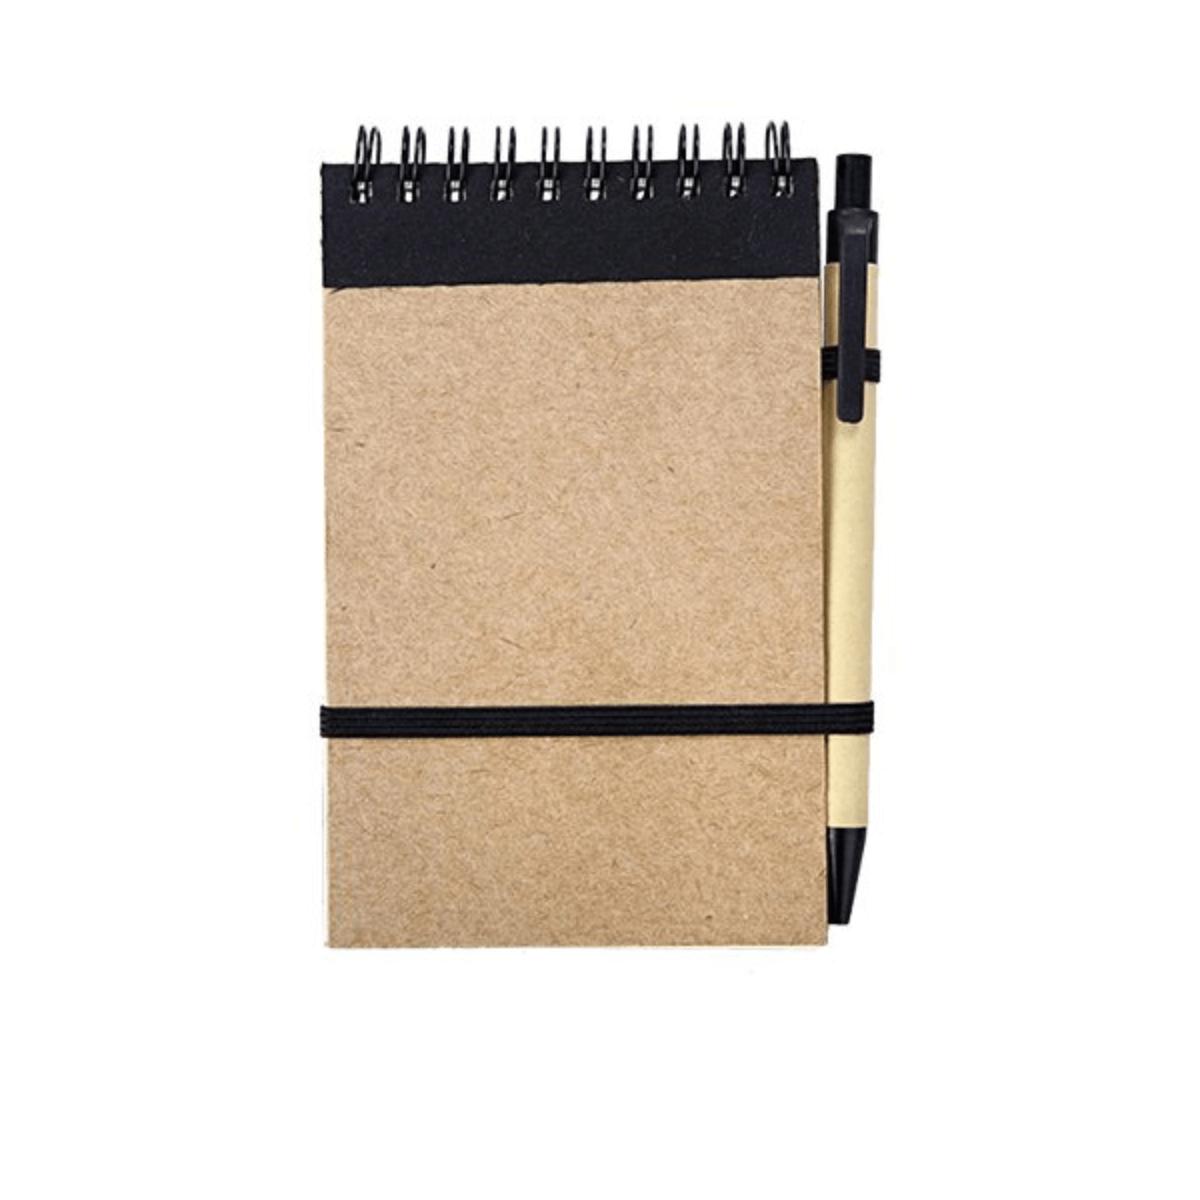 Notes reklamowy z długopisem